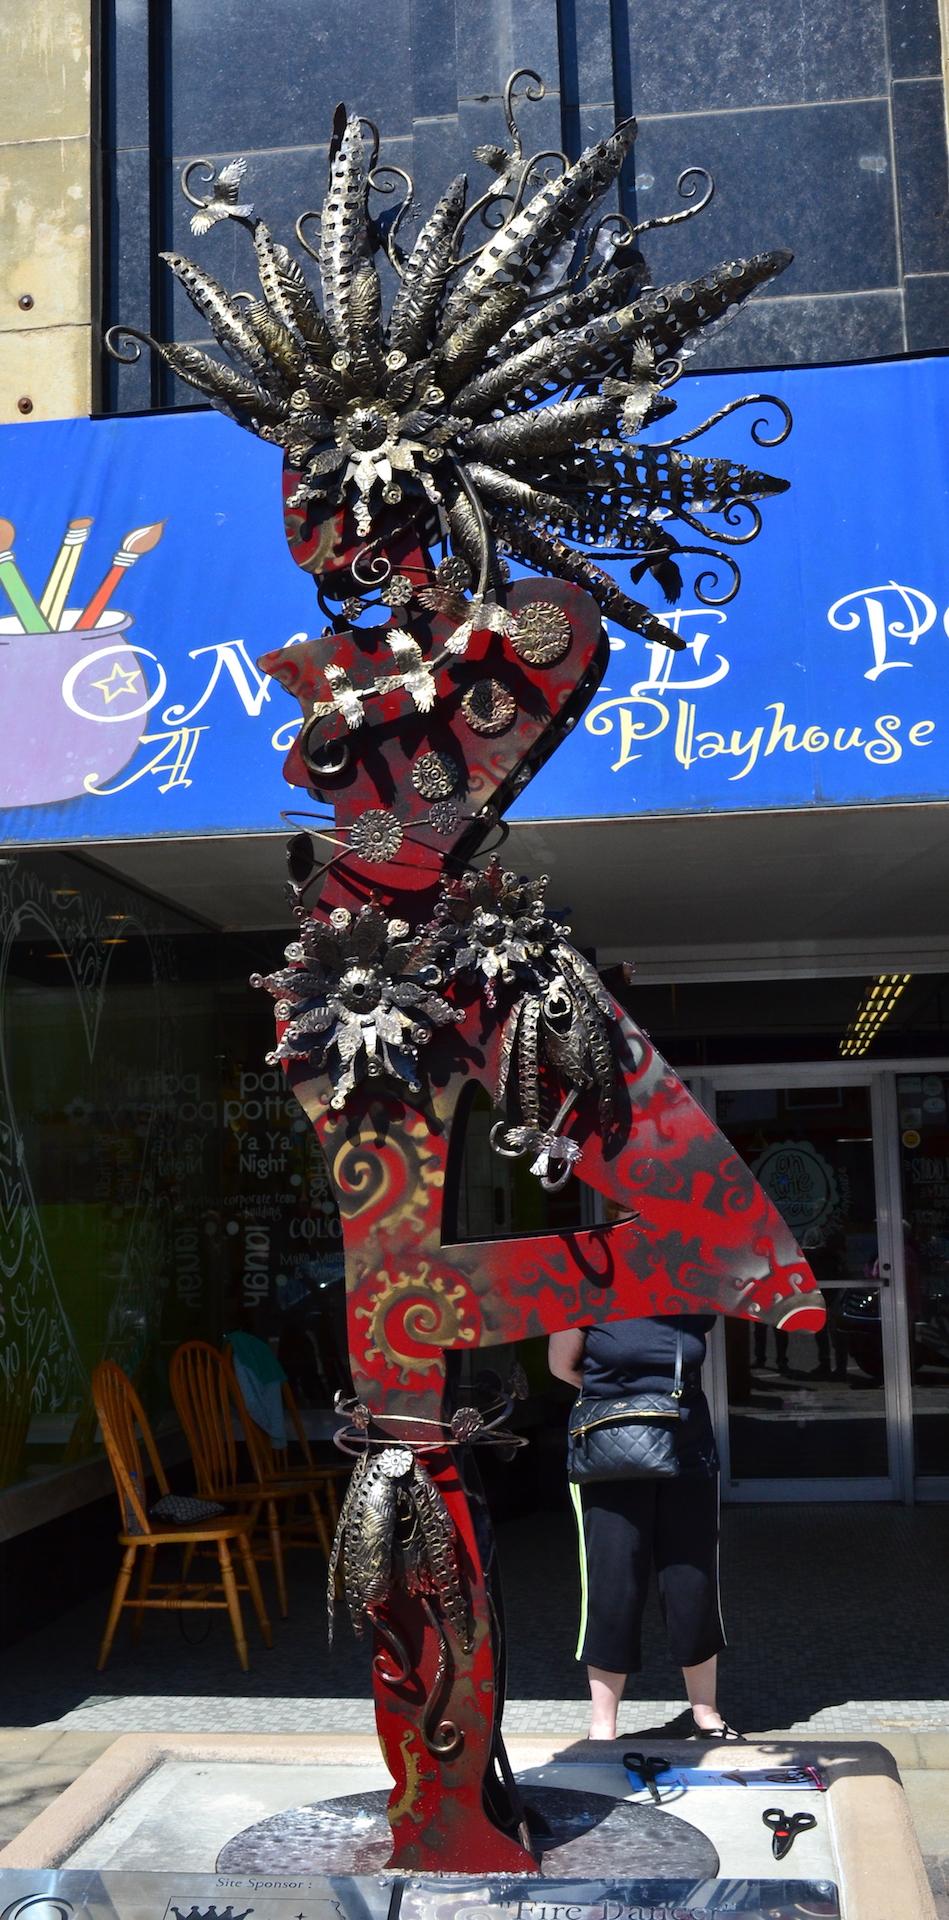 WEB_Jodie Bliss_Fire Dancer- Public Sculpture, Art in Public Places: Salina, KS_2018 Image 2 copy.jpeg